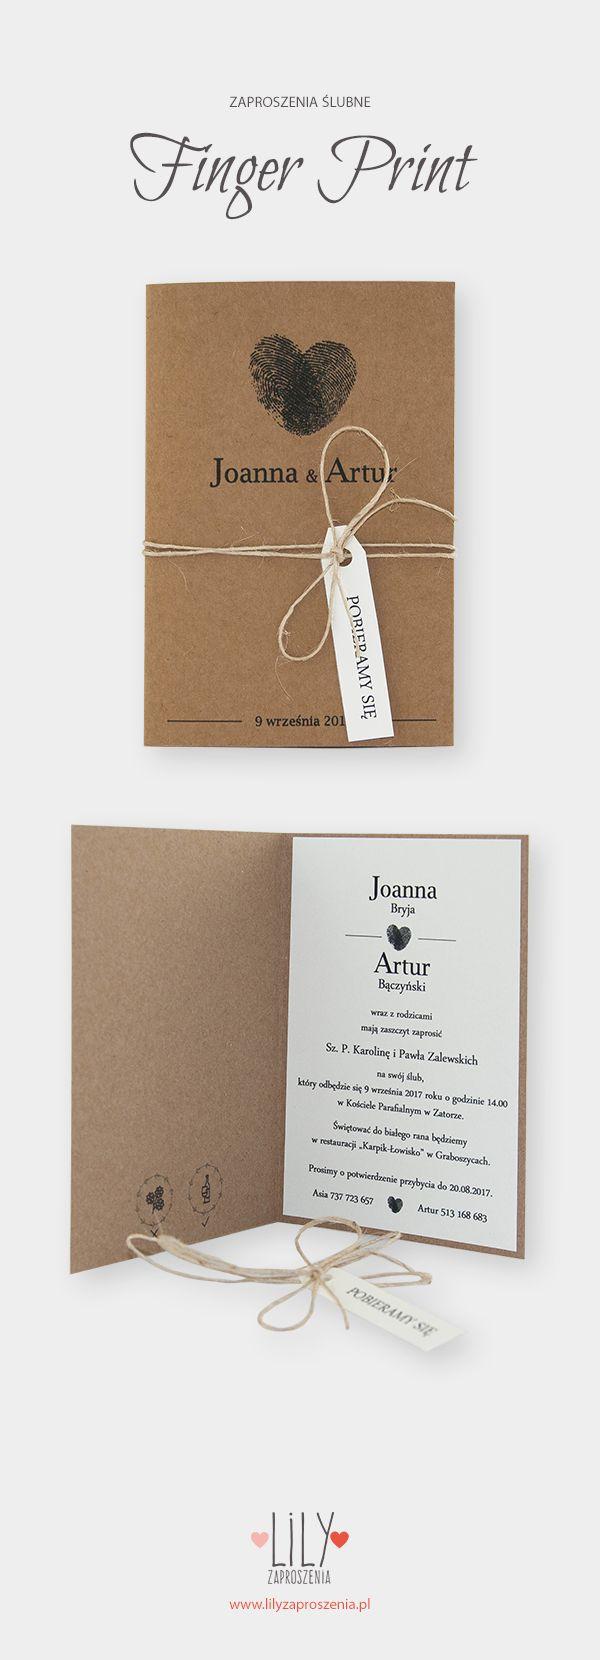 Zaproszenie Slubne Eco Zaproszenia Slubne Wykonane Na Wysokiej Jakosci Matowy Graphic Design Wedding Invitations Wedding Invitations Wedding Invitations Rustic